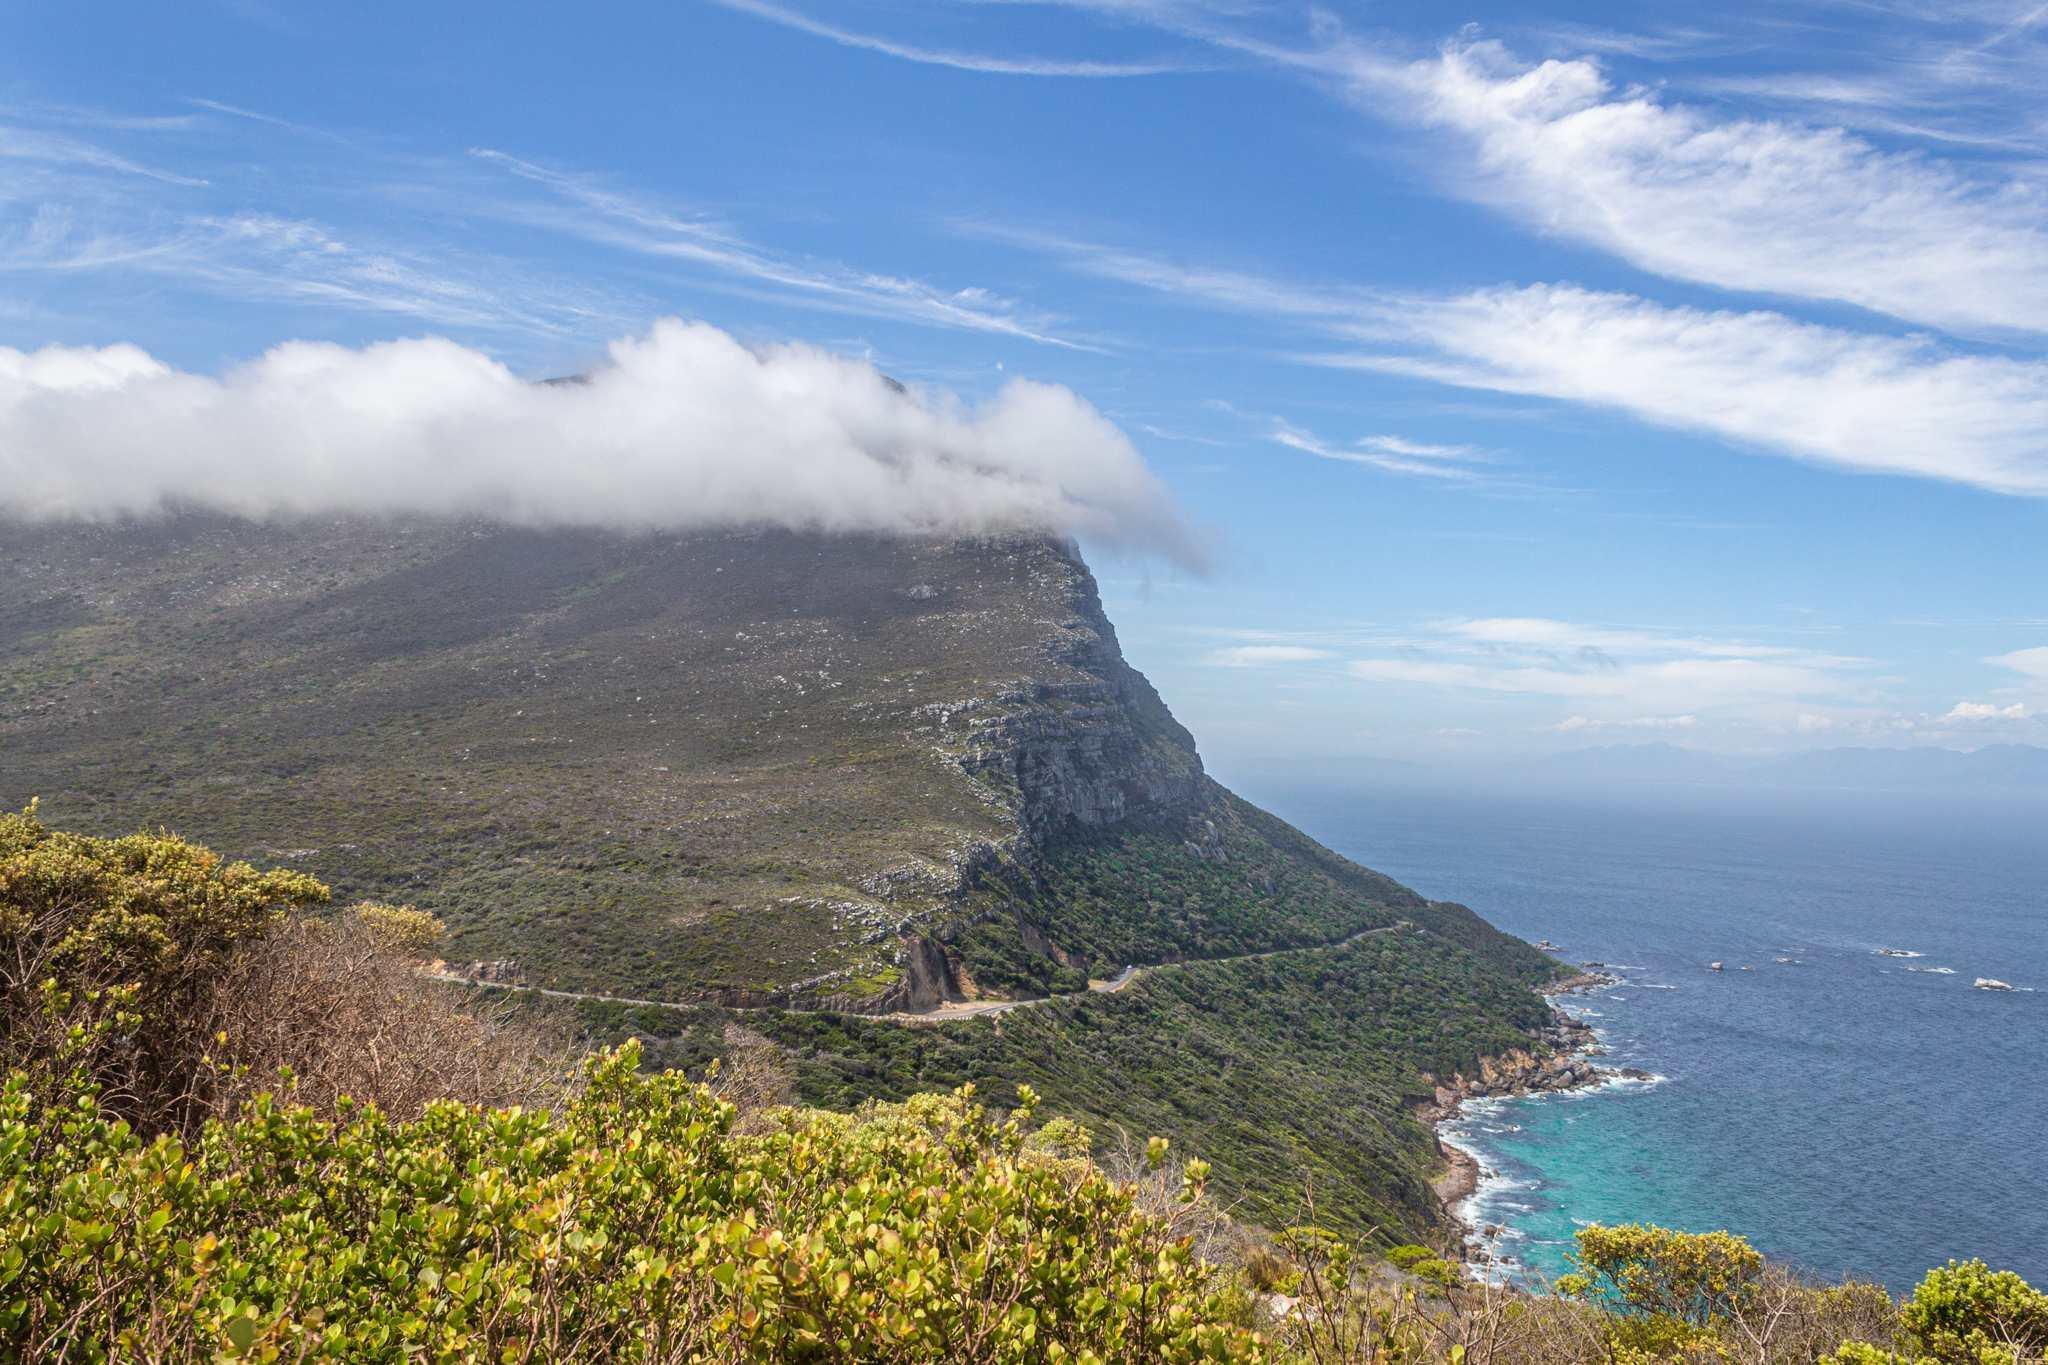 cape point had beautiful cliffs that reach the sea